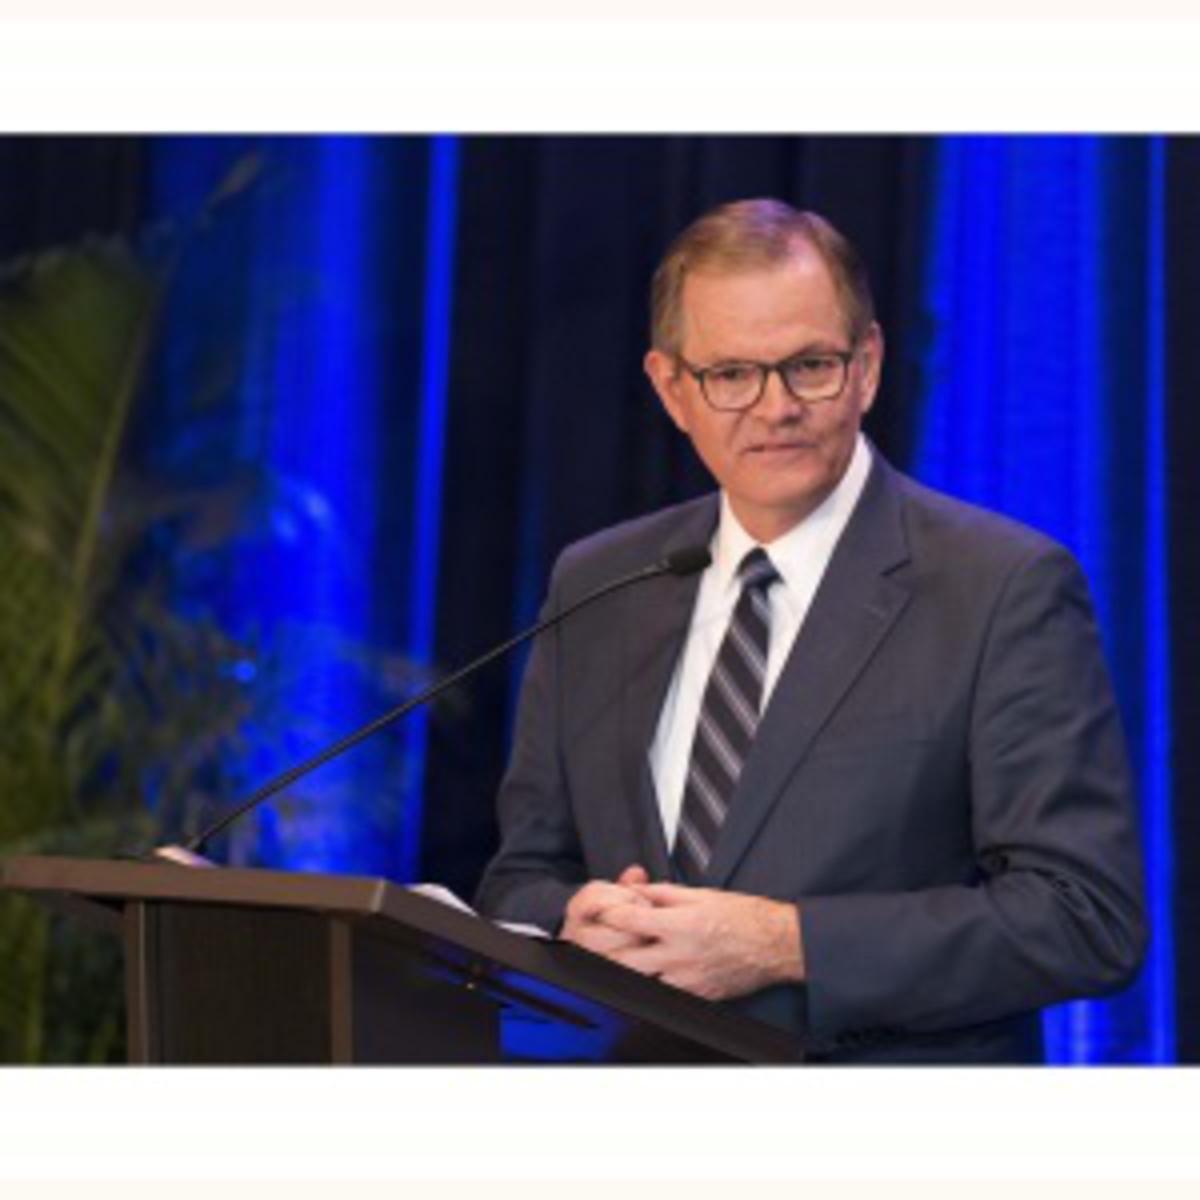 Elder Gary Stevenson